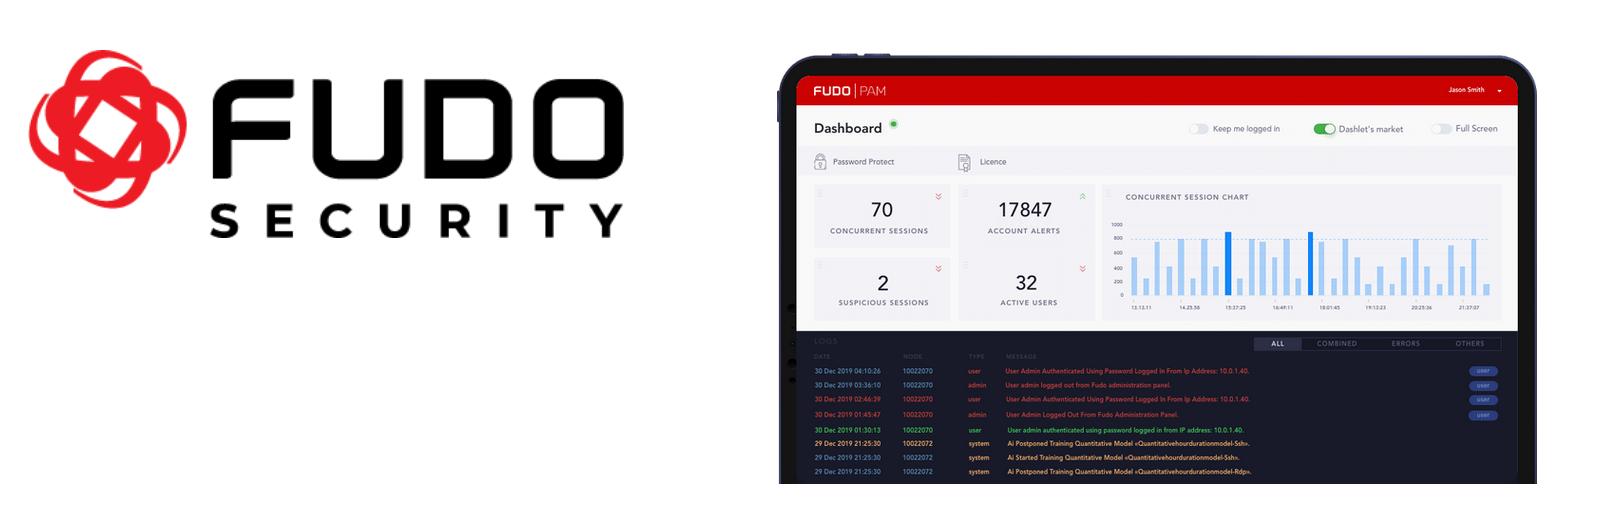 fudo - Darmowy pakiet bezpieczeństwa doochrony sieci - netcomplex